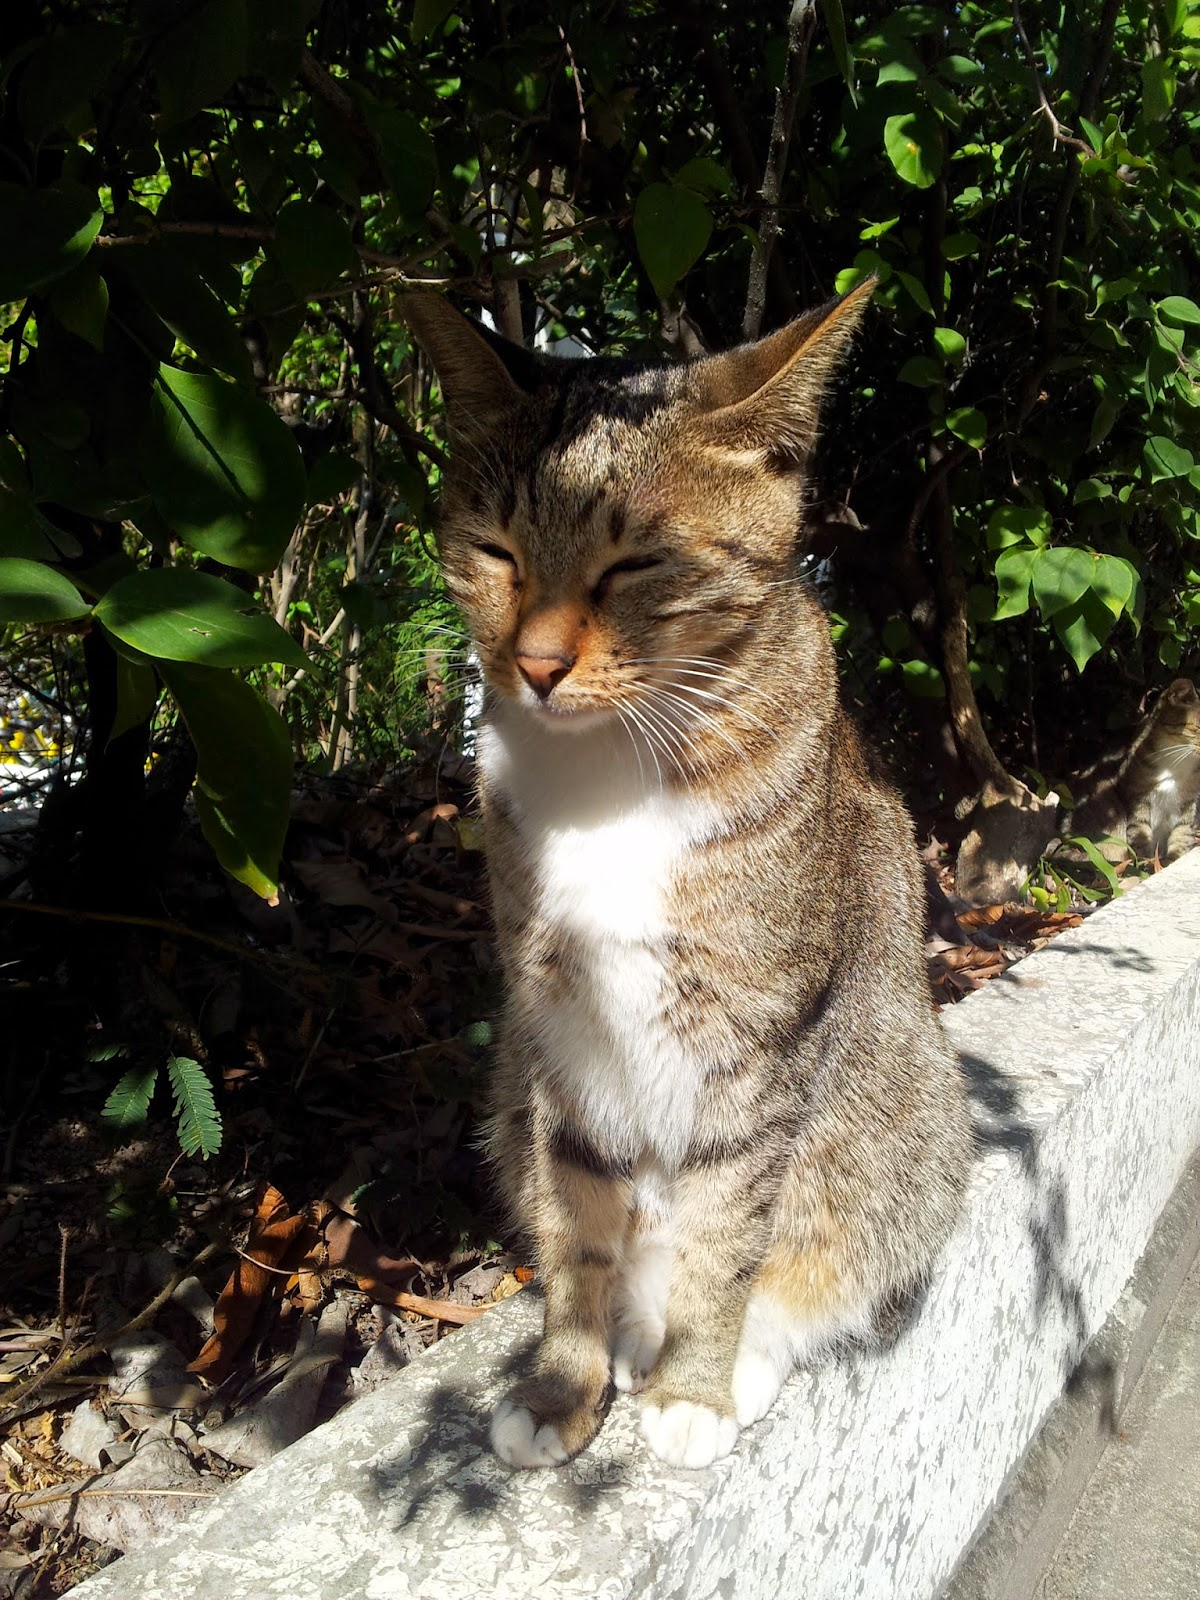 某大學內悠閒的貓貓